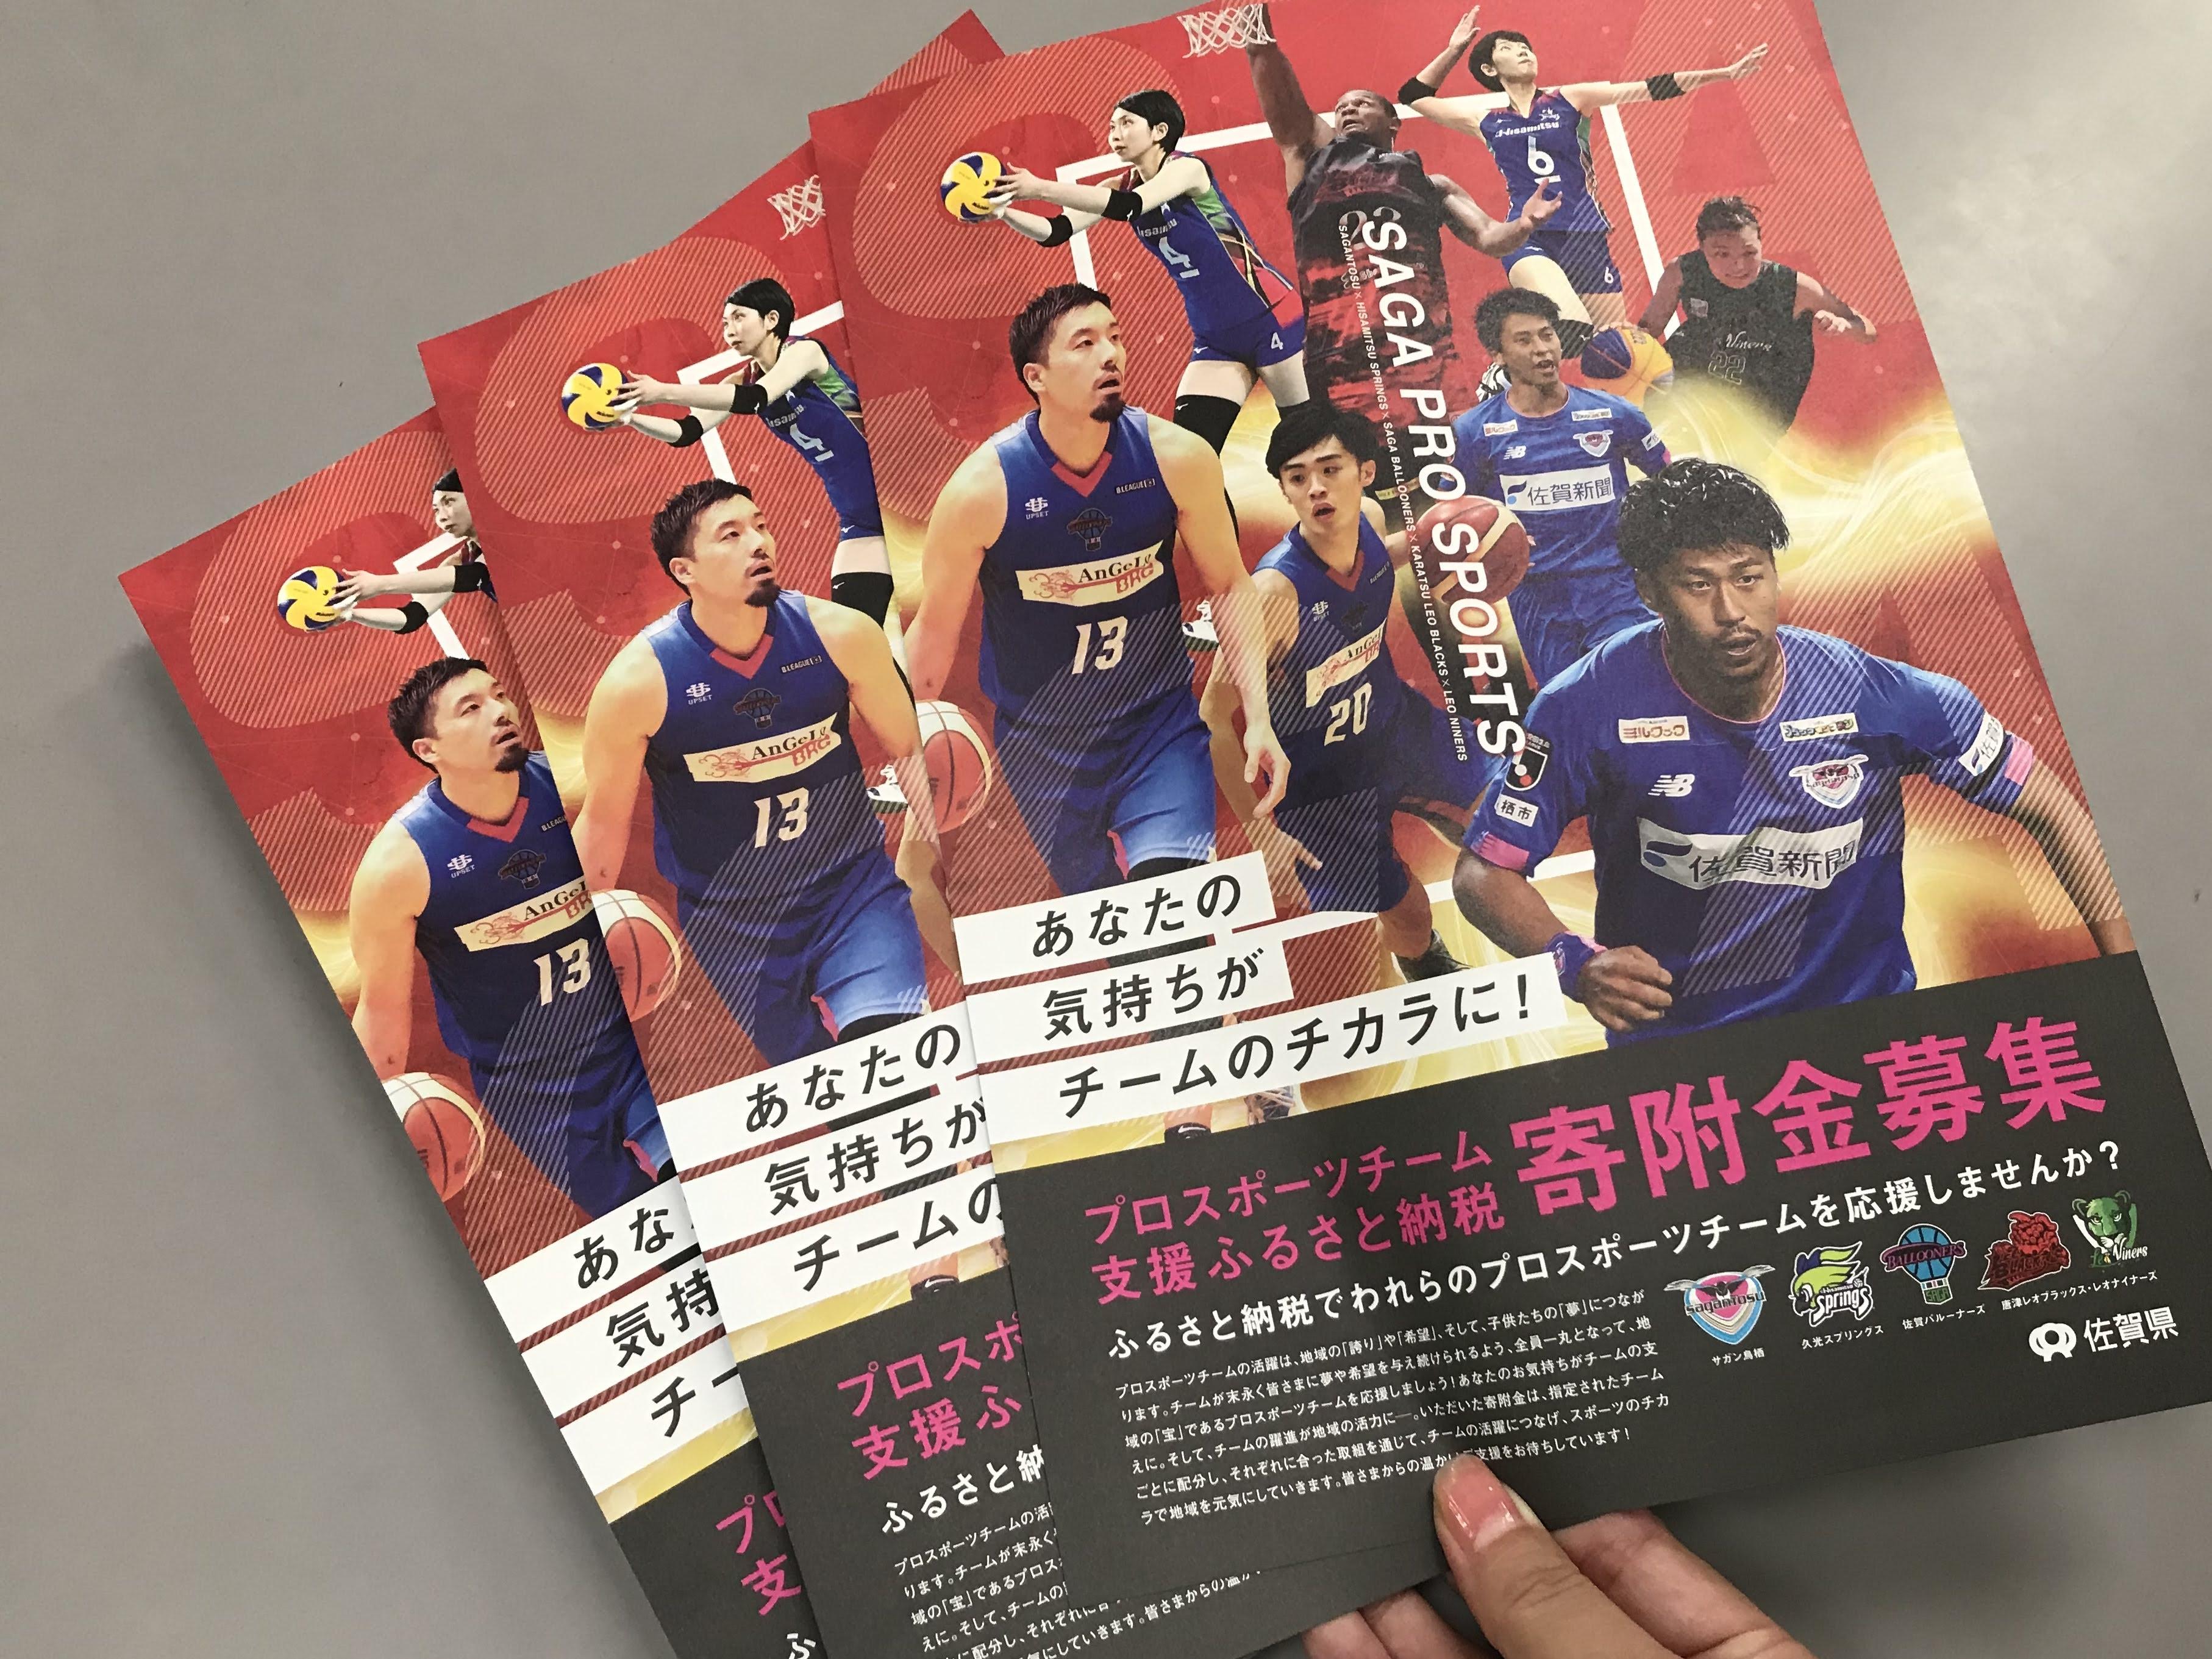 ふるさと納税で佐賀のプロスポーツチームを応援しよう!